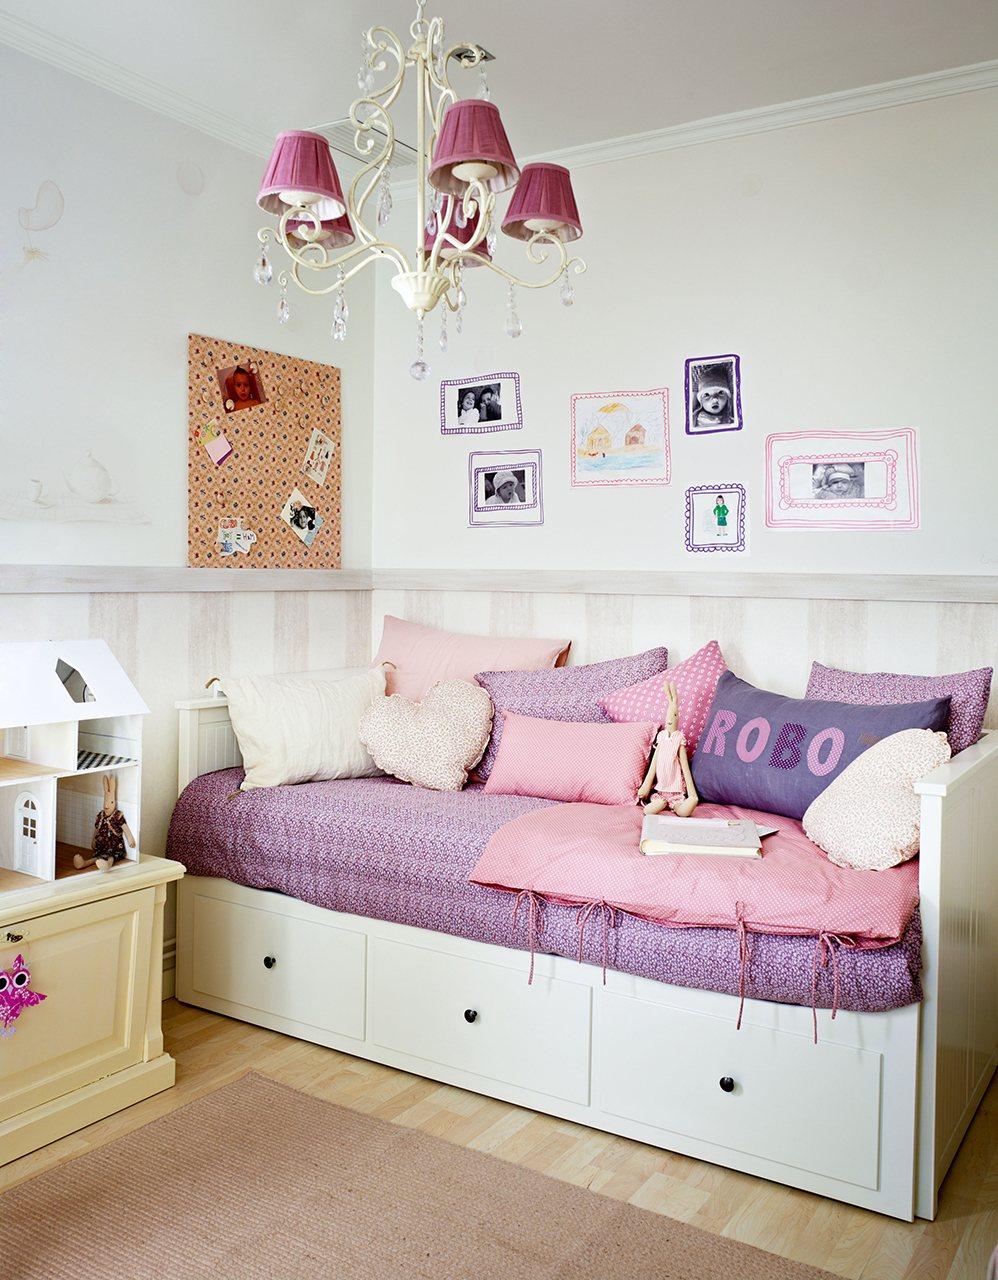 301 moved permanently - Dormitorio de nina ...